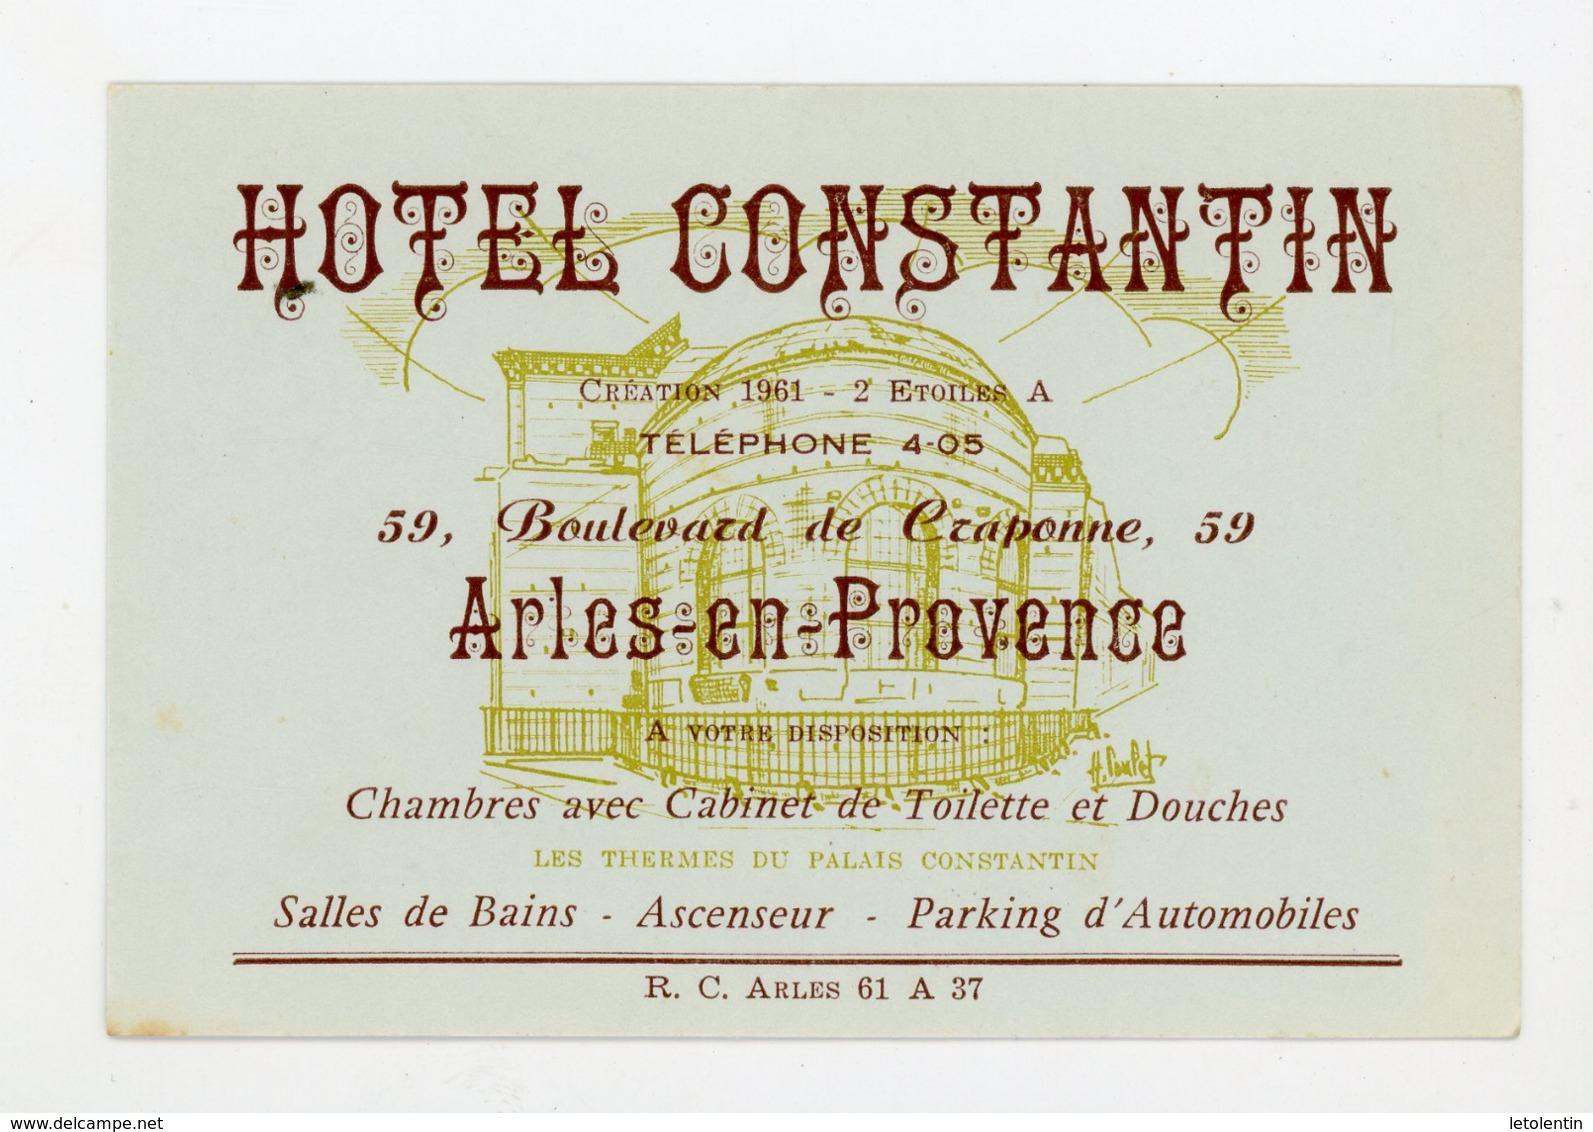 CARTE DE VISITE : HOTEL CONSTANTIN À ARLES-EN-PROVENCE - Cartes De Visite